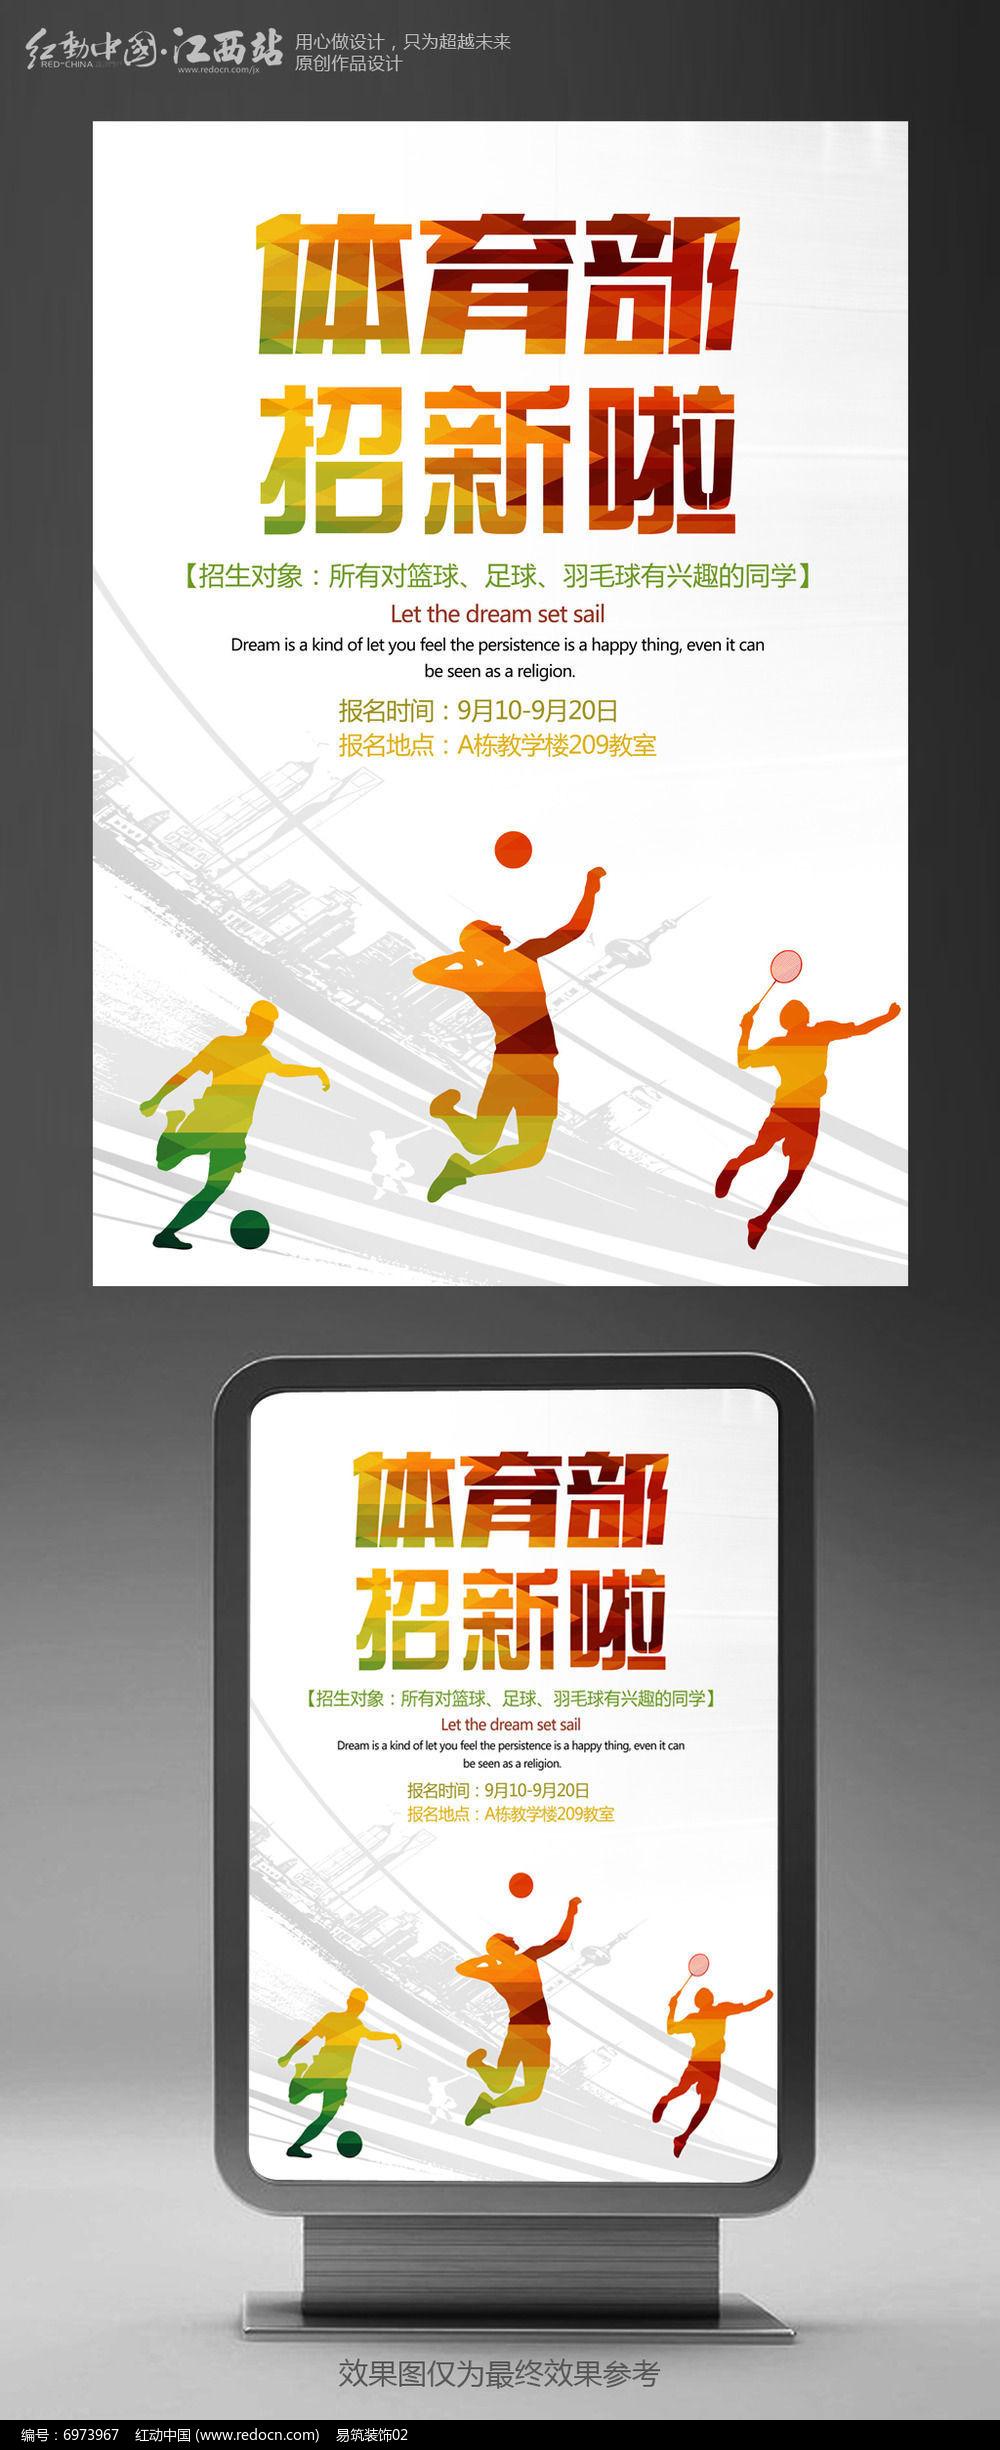 体育部招新宣传语_大气开学季大学体育部招新纳新海报设计_红动网